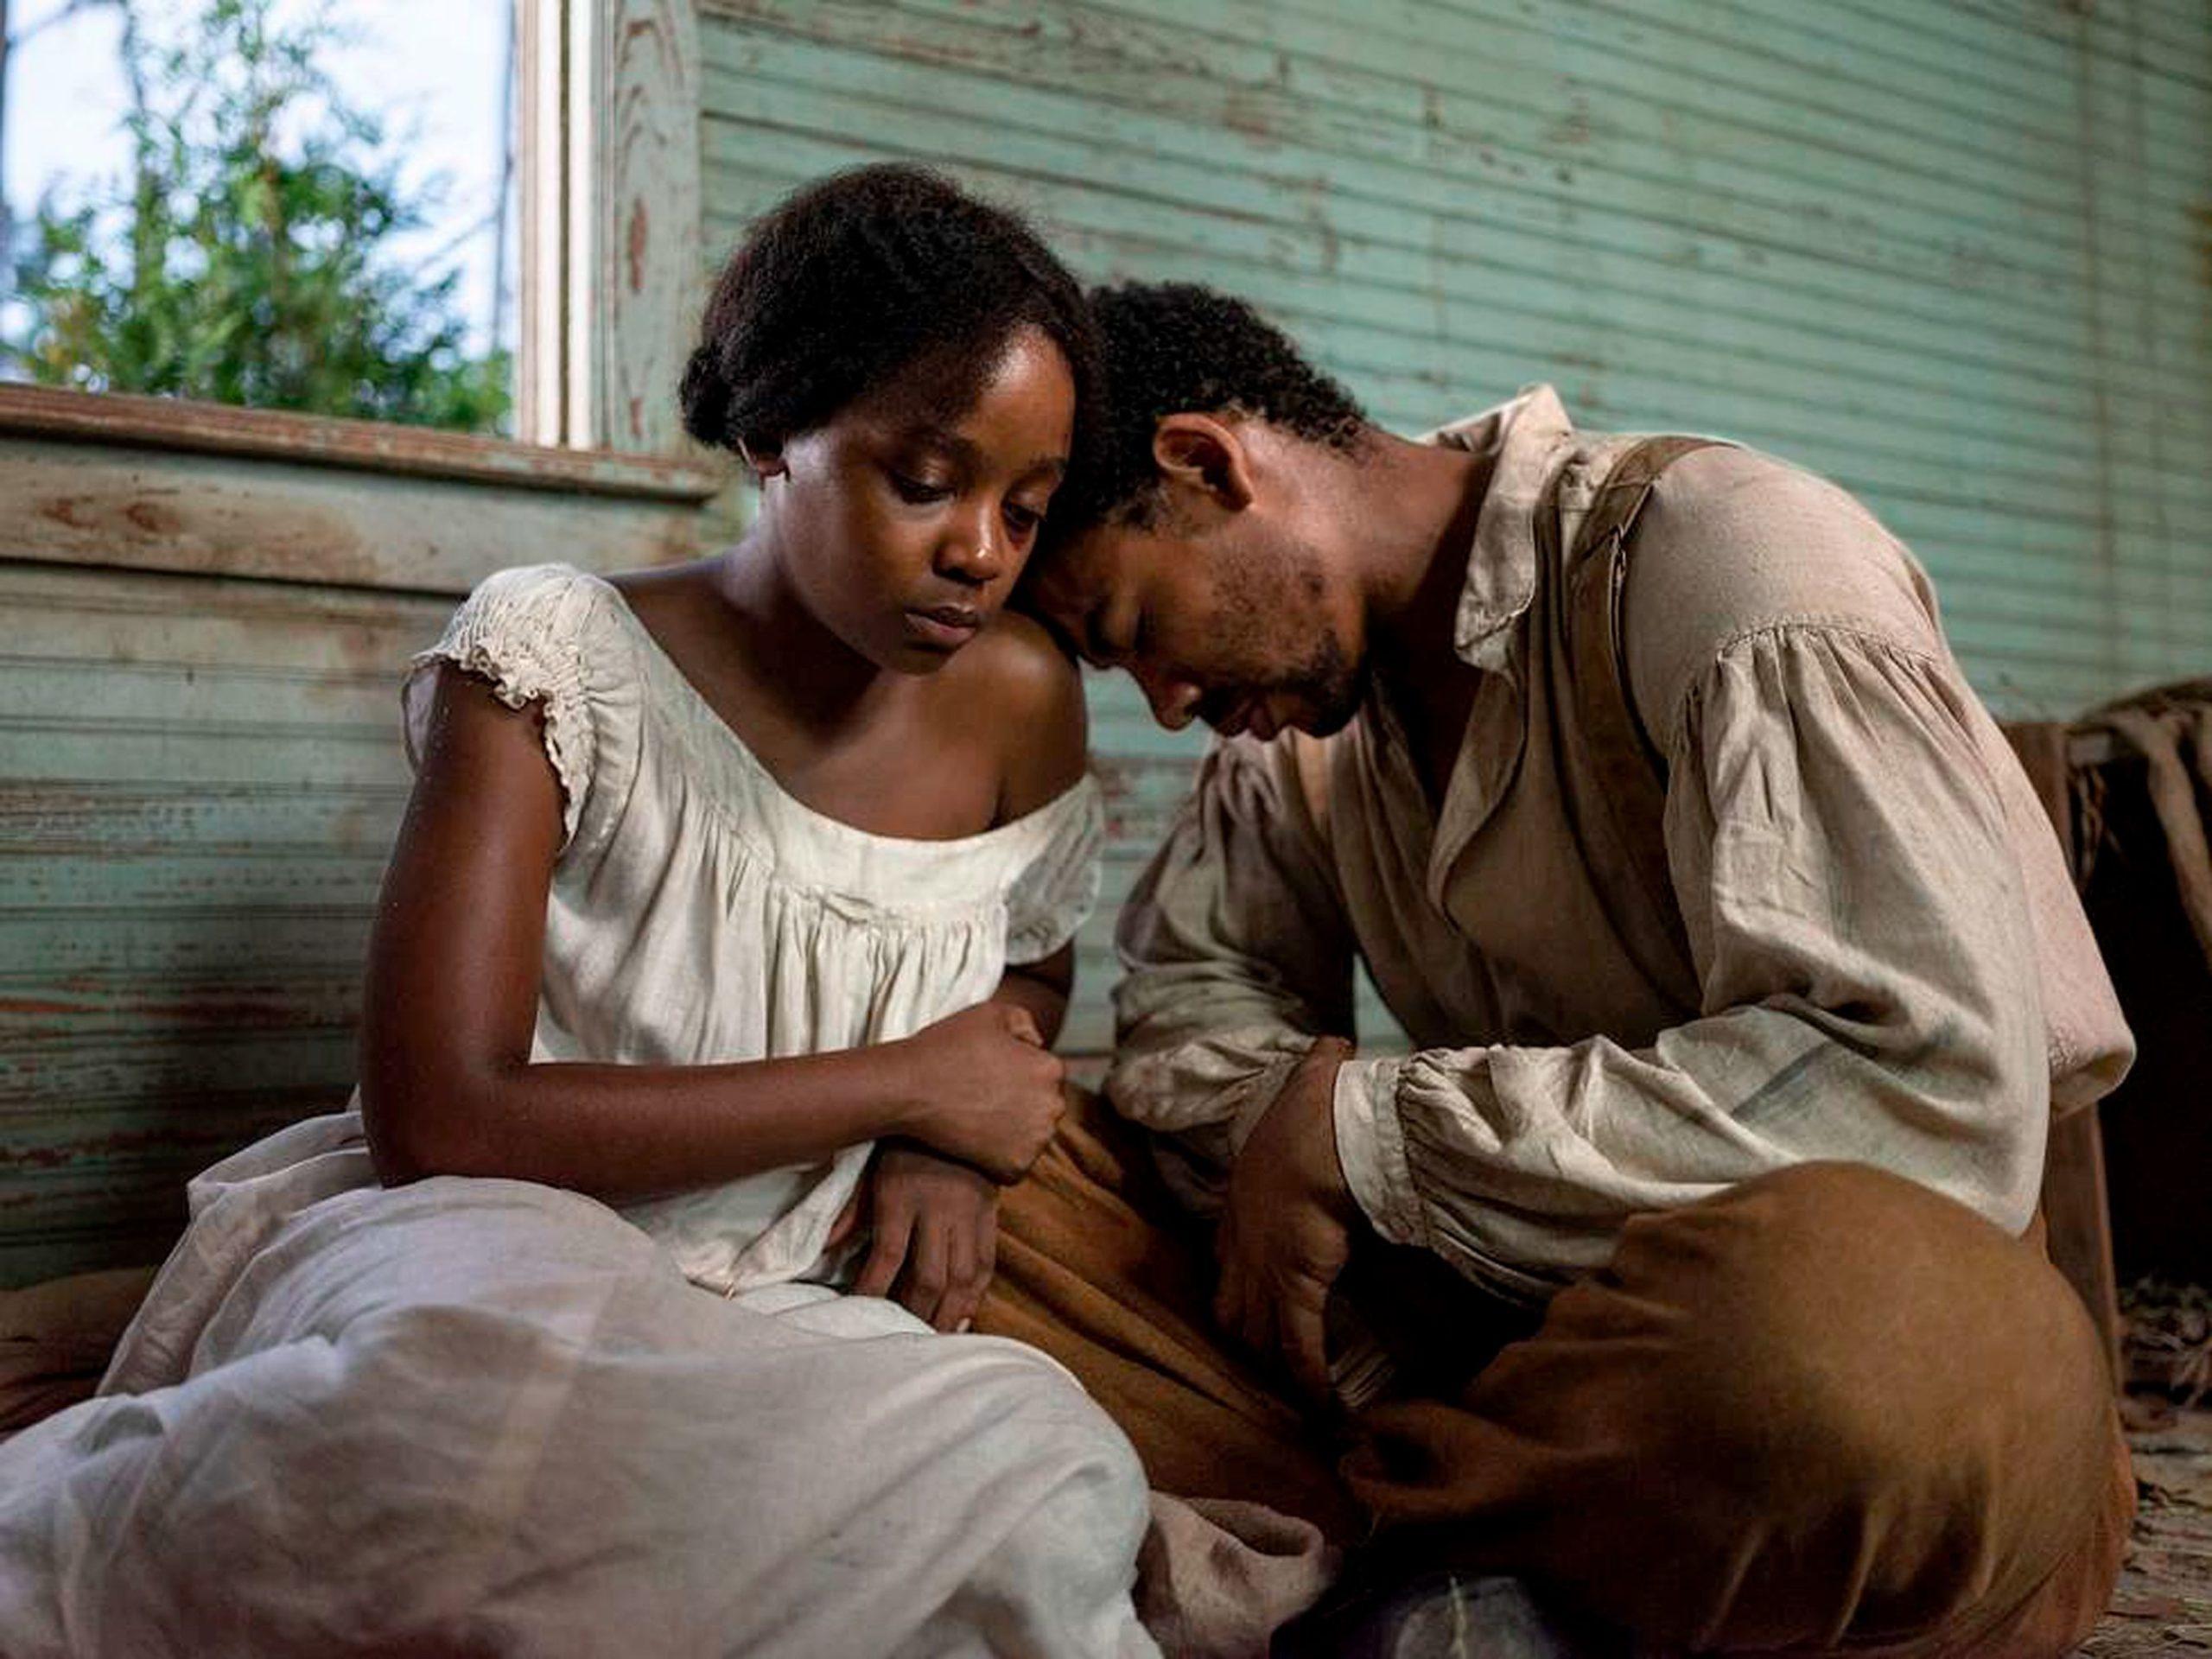 Cena da minissérie The Underground Railroad. A cena mostra dois jovens negros agachados e encostados um no outro. Cora é uma mulher, de cabelo preso num coque e Caesar é um homem de olhos claros, barba e cabelos pretos e veste roupas marrons.